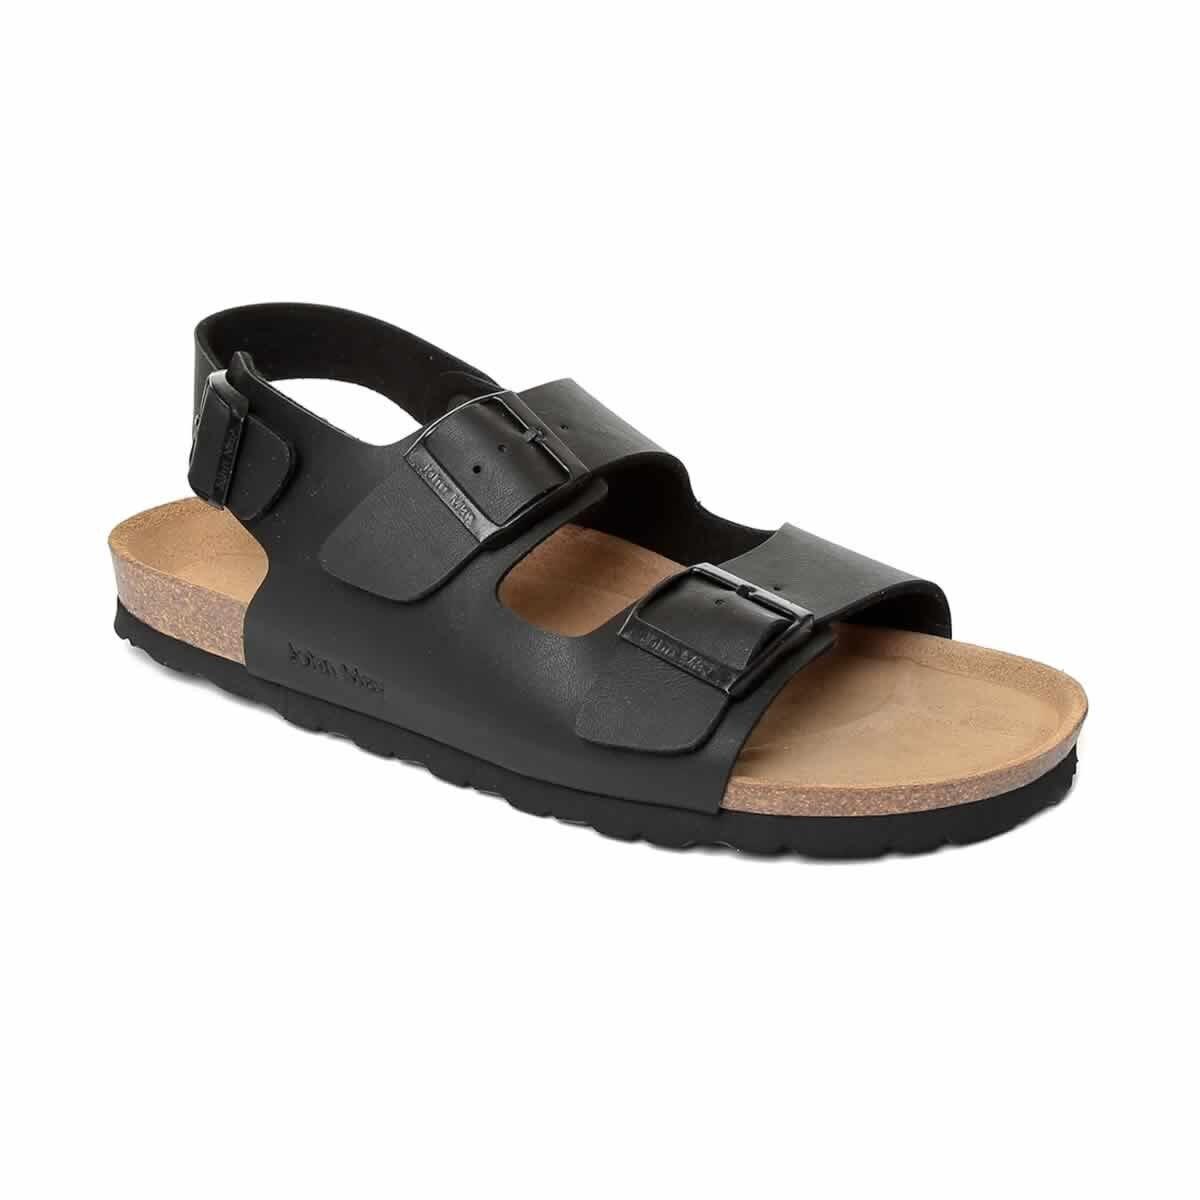 SIYAH Erkek Sandalet 1JMYM2018154